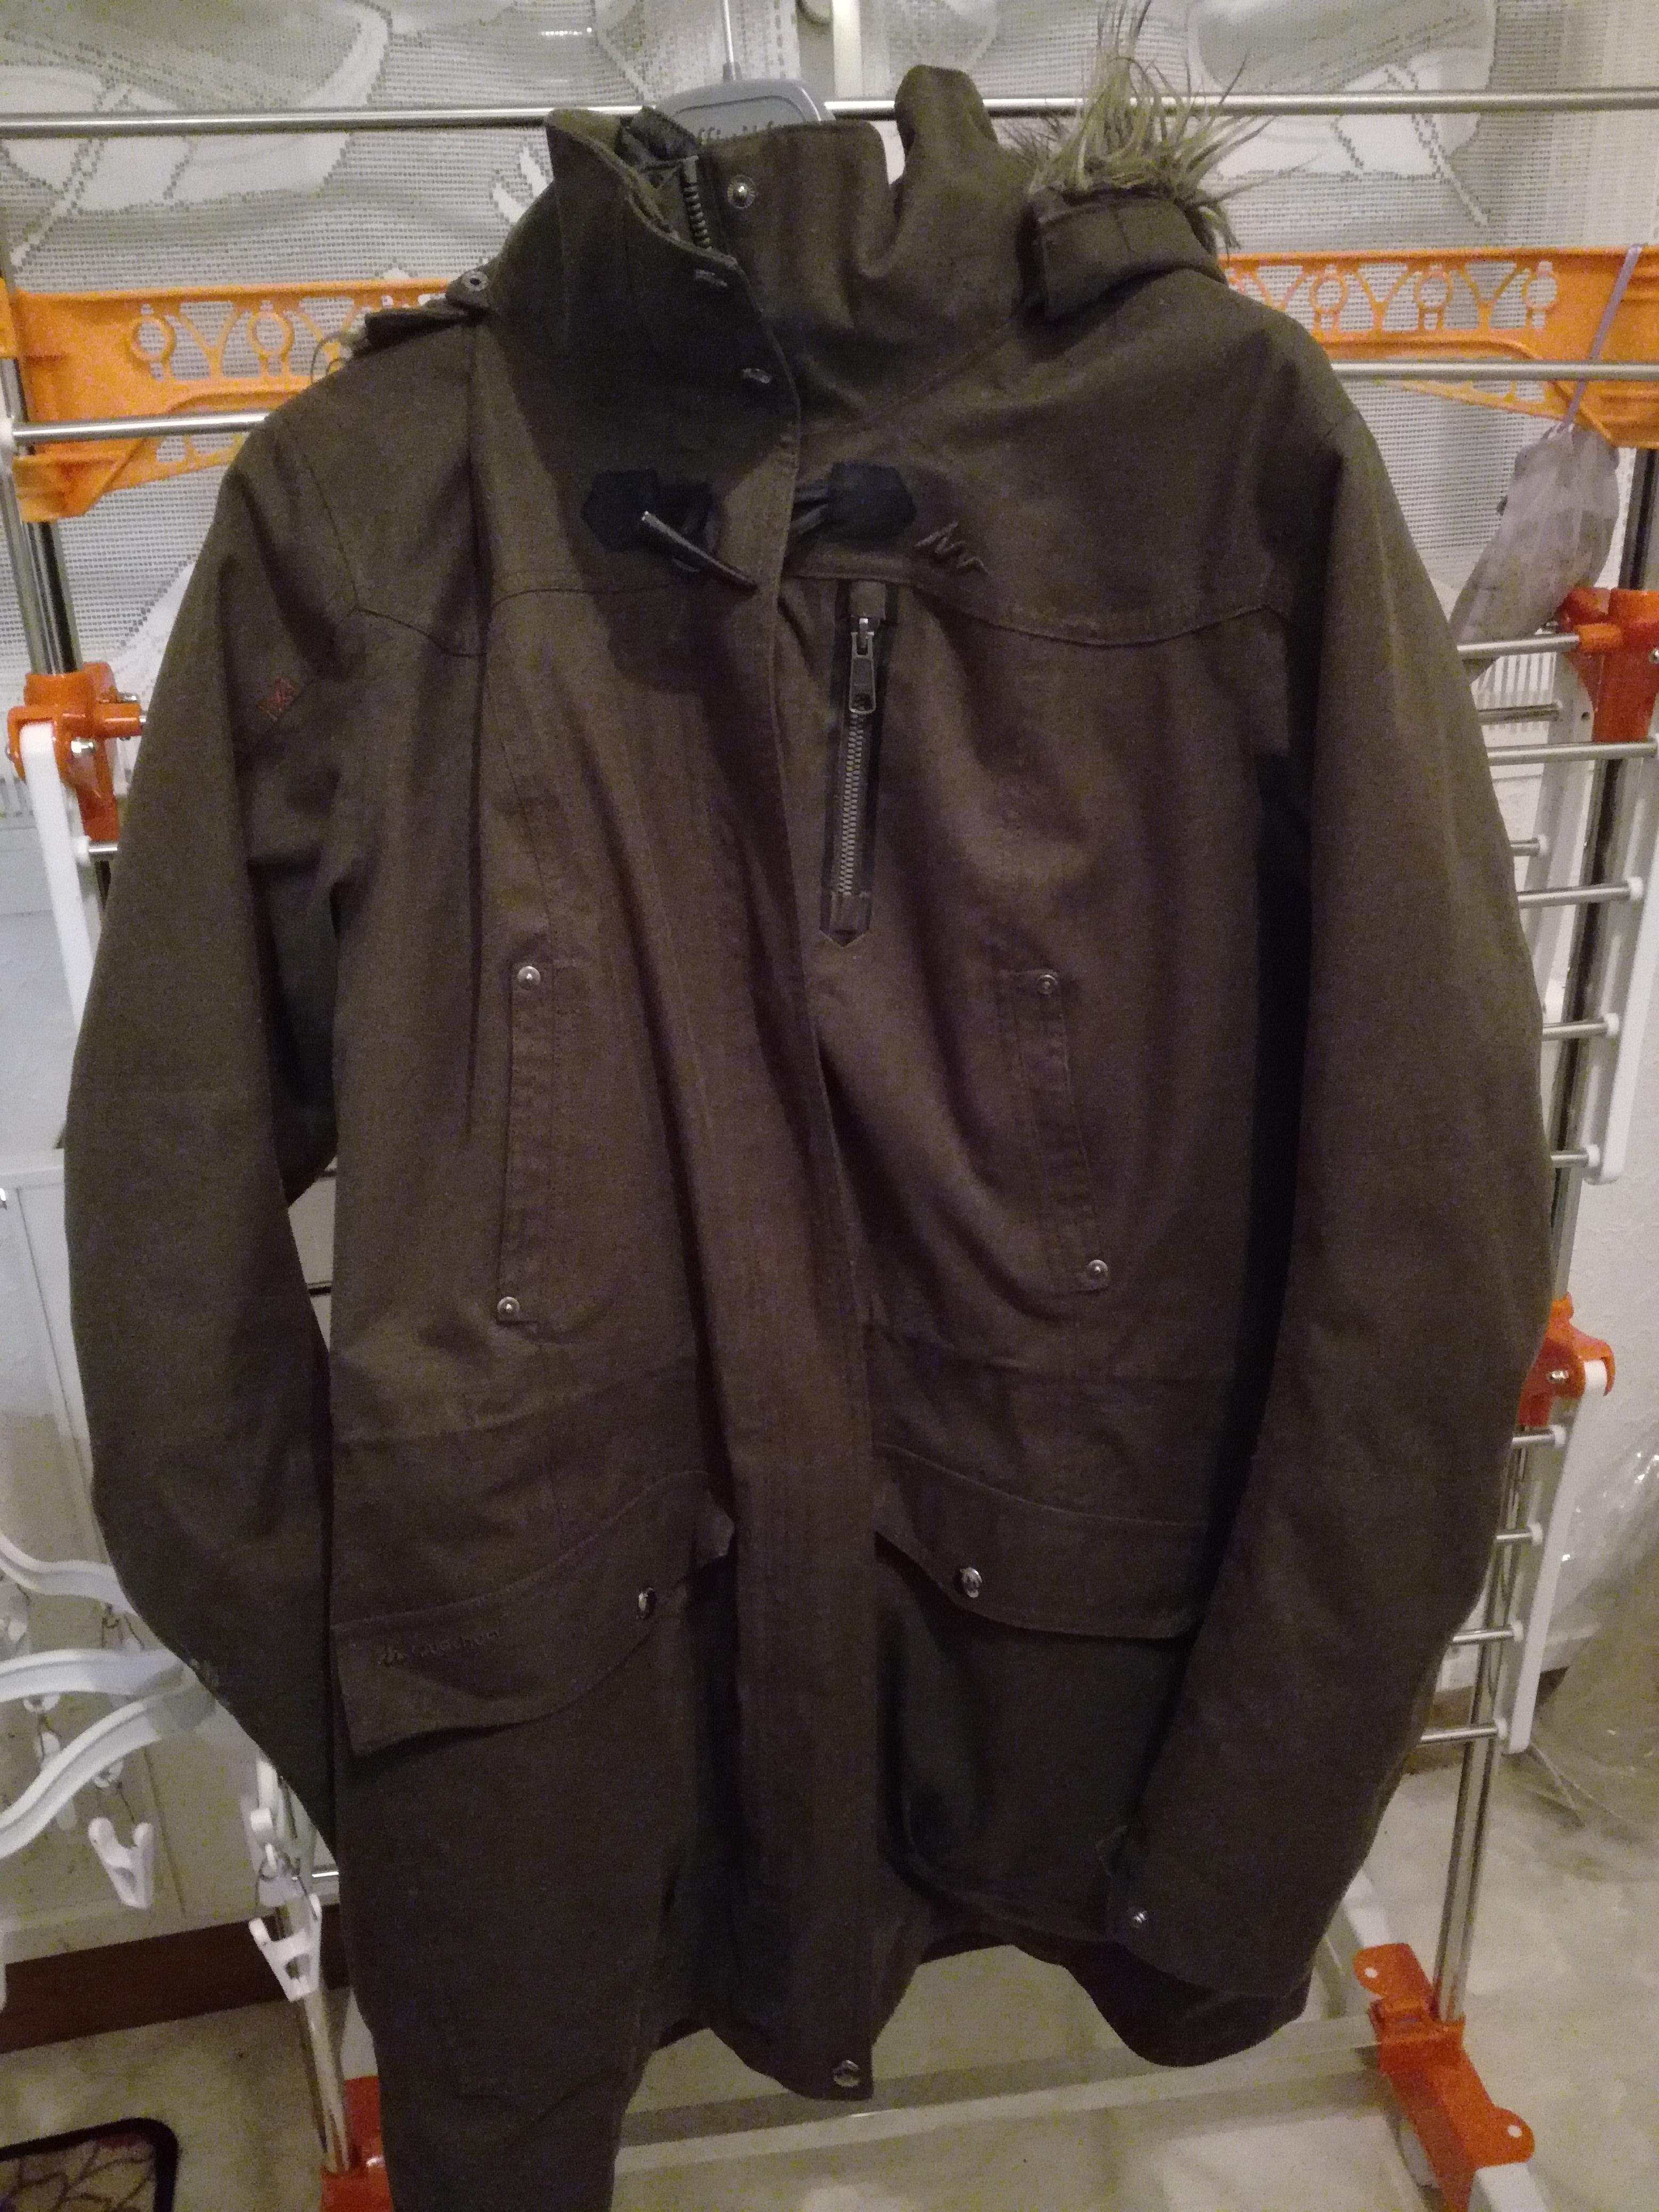 troc de troc joli manteau bien chaud pour l'hiver taille 36 assez lourd image 0